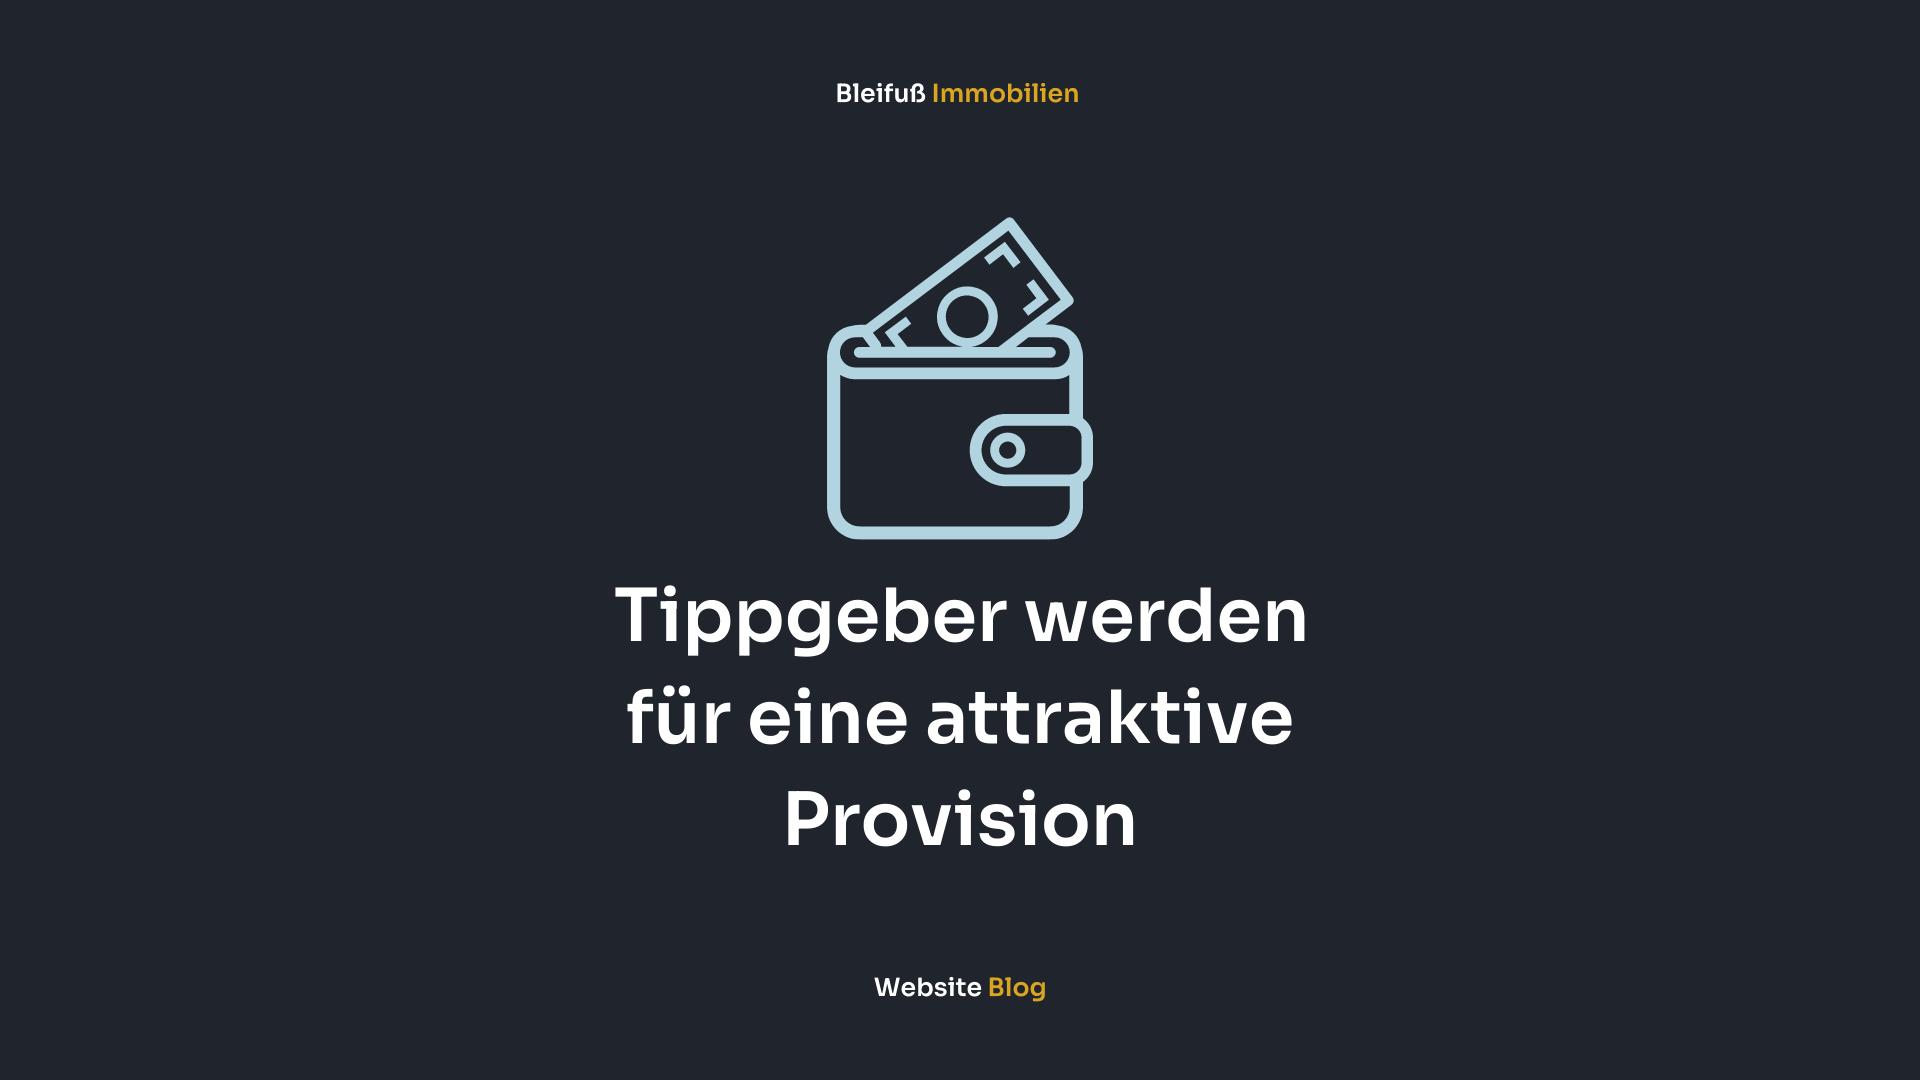 Tippgeber werden für eine attraktive Provision